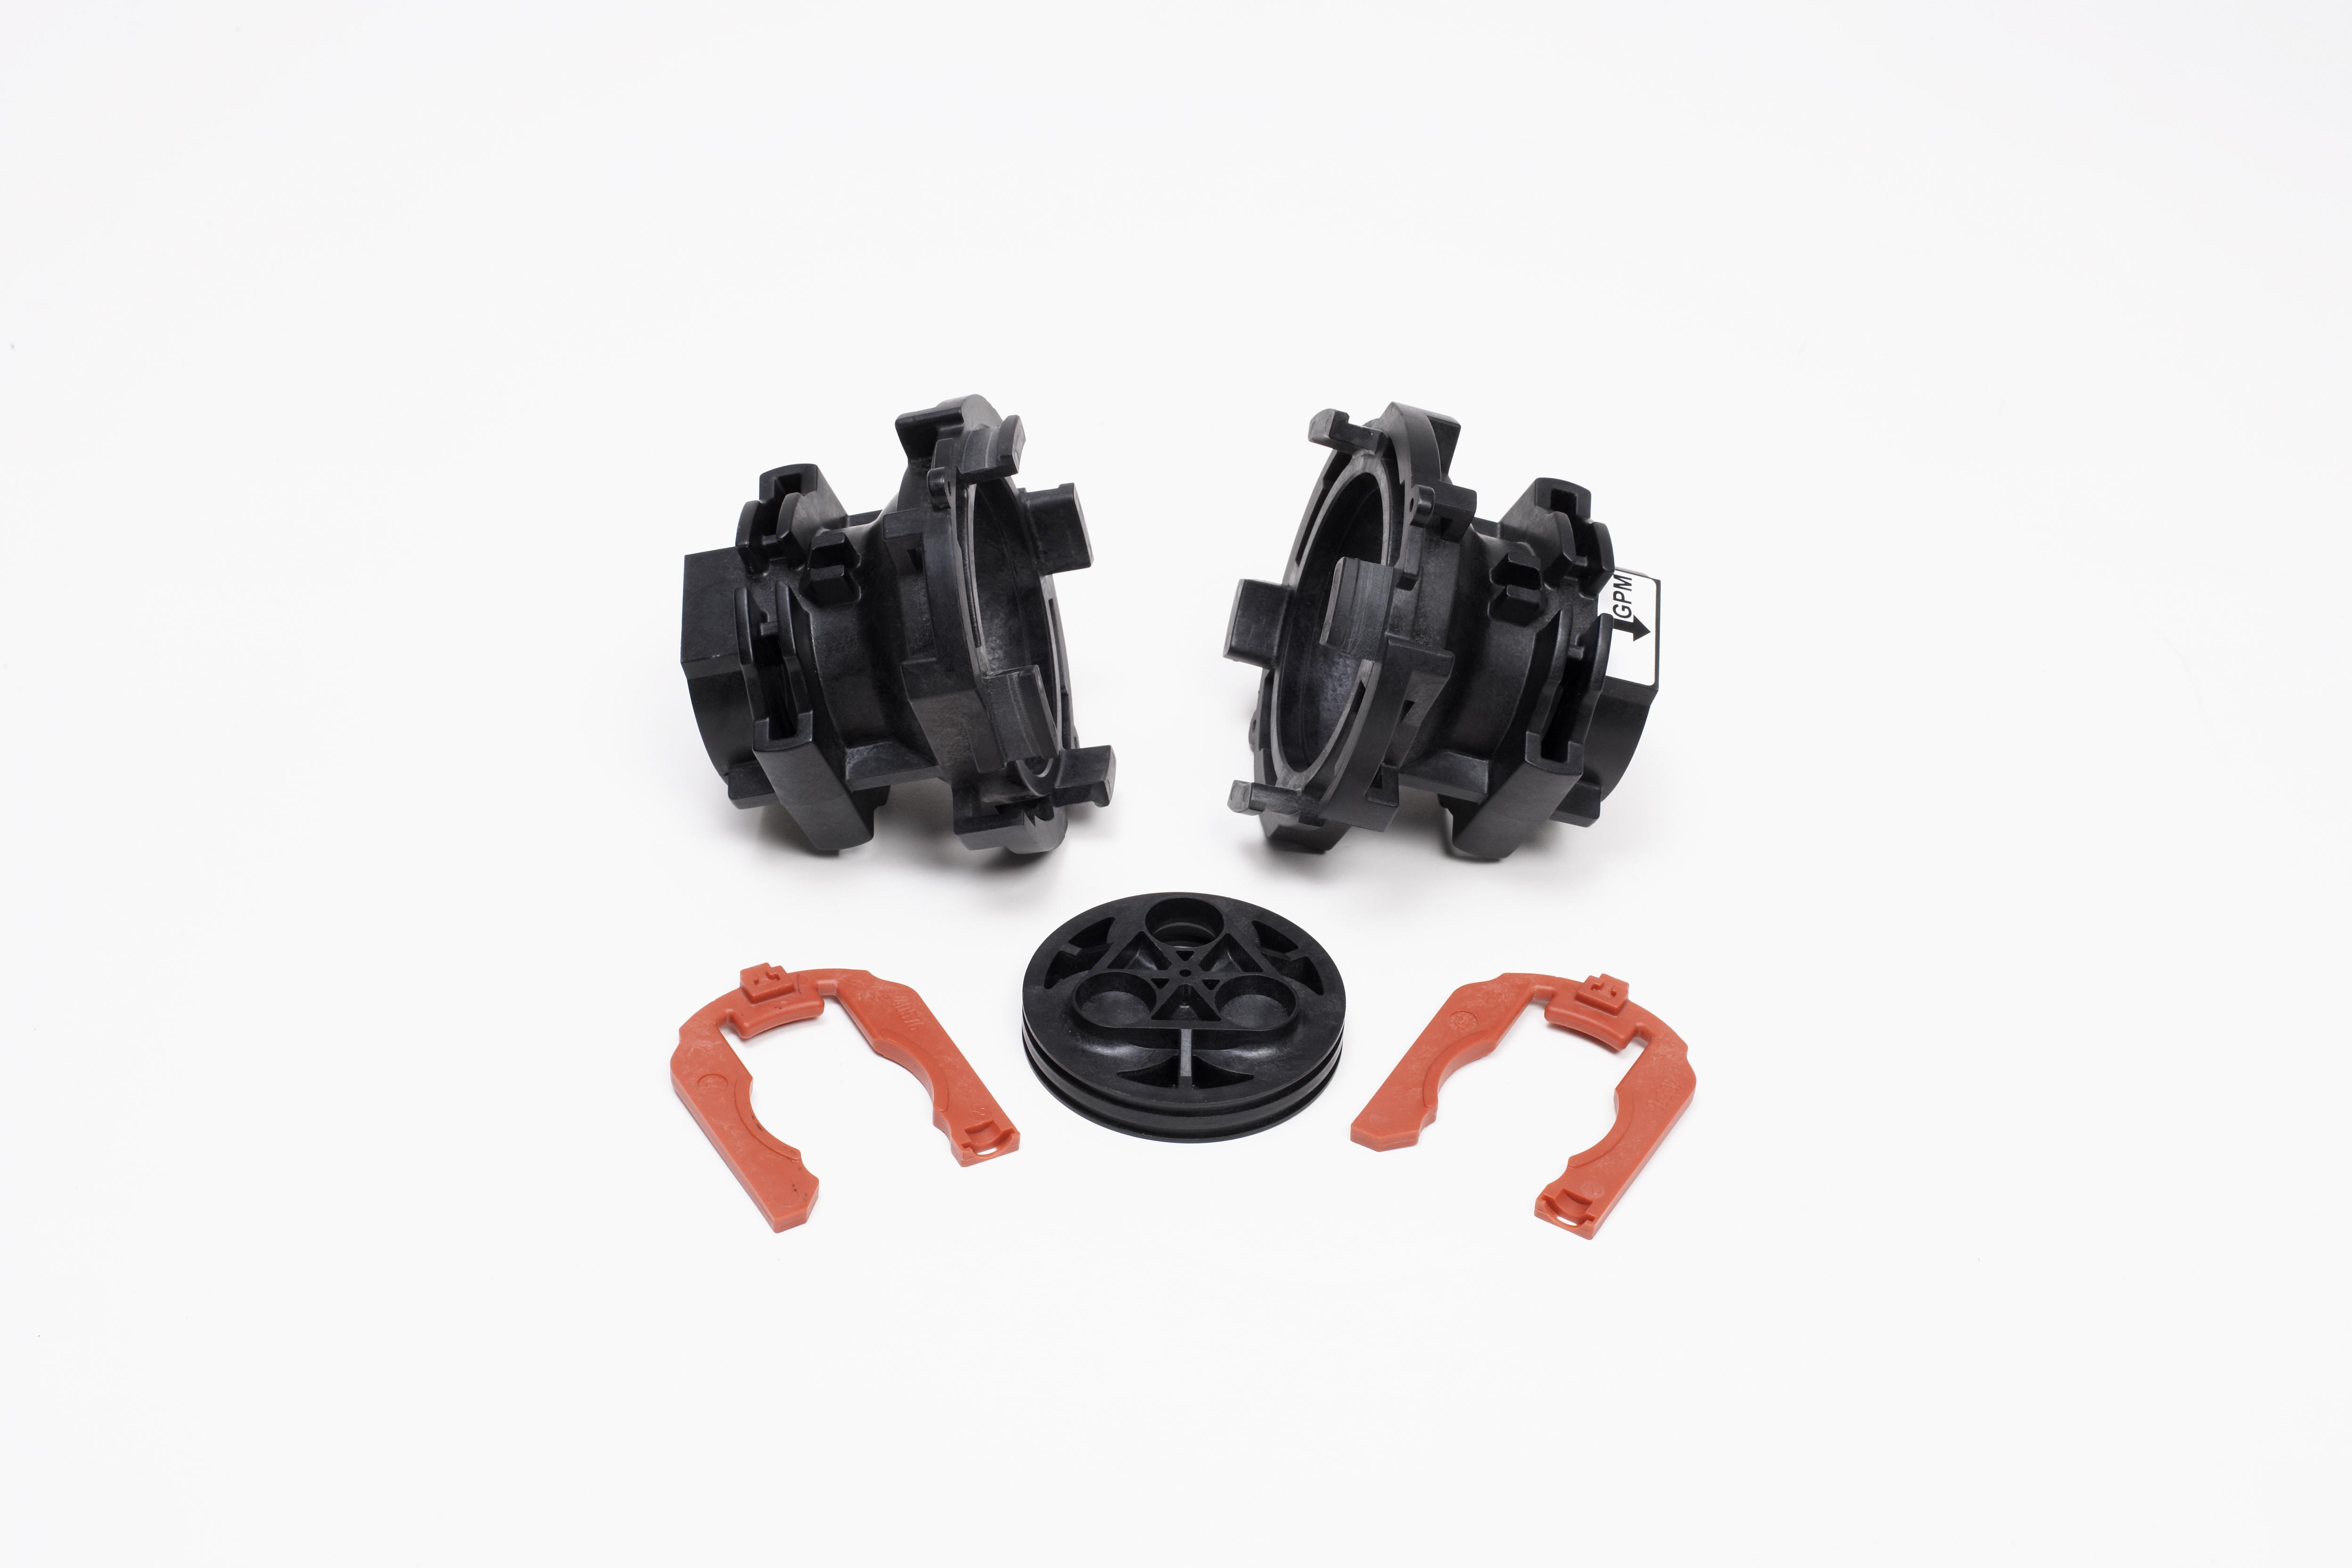 pentair 7244-2 softener manual